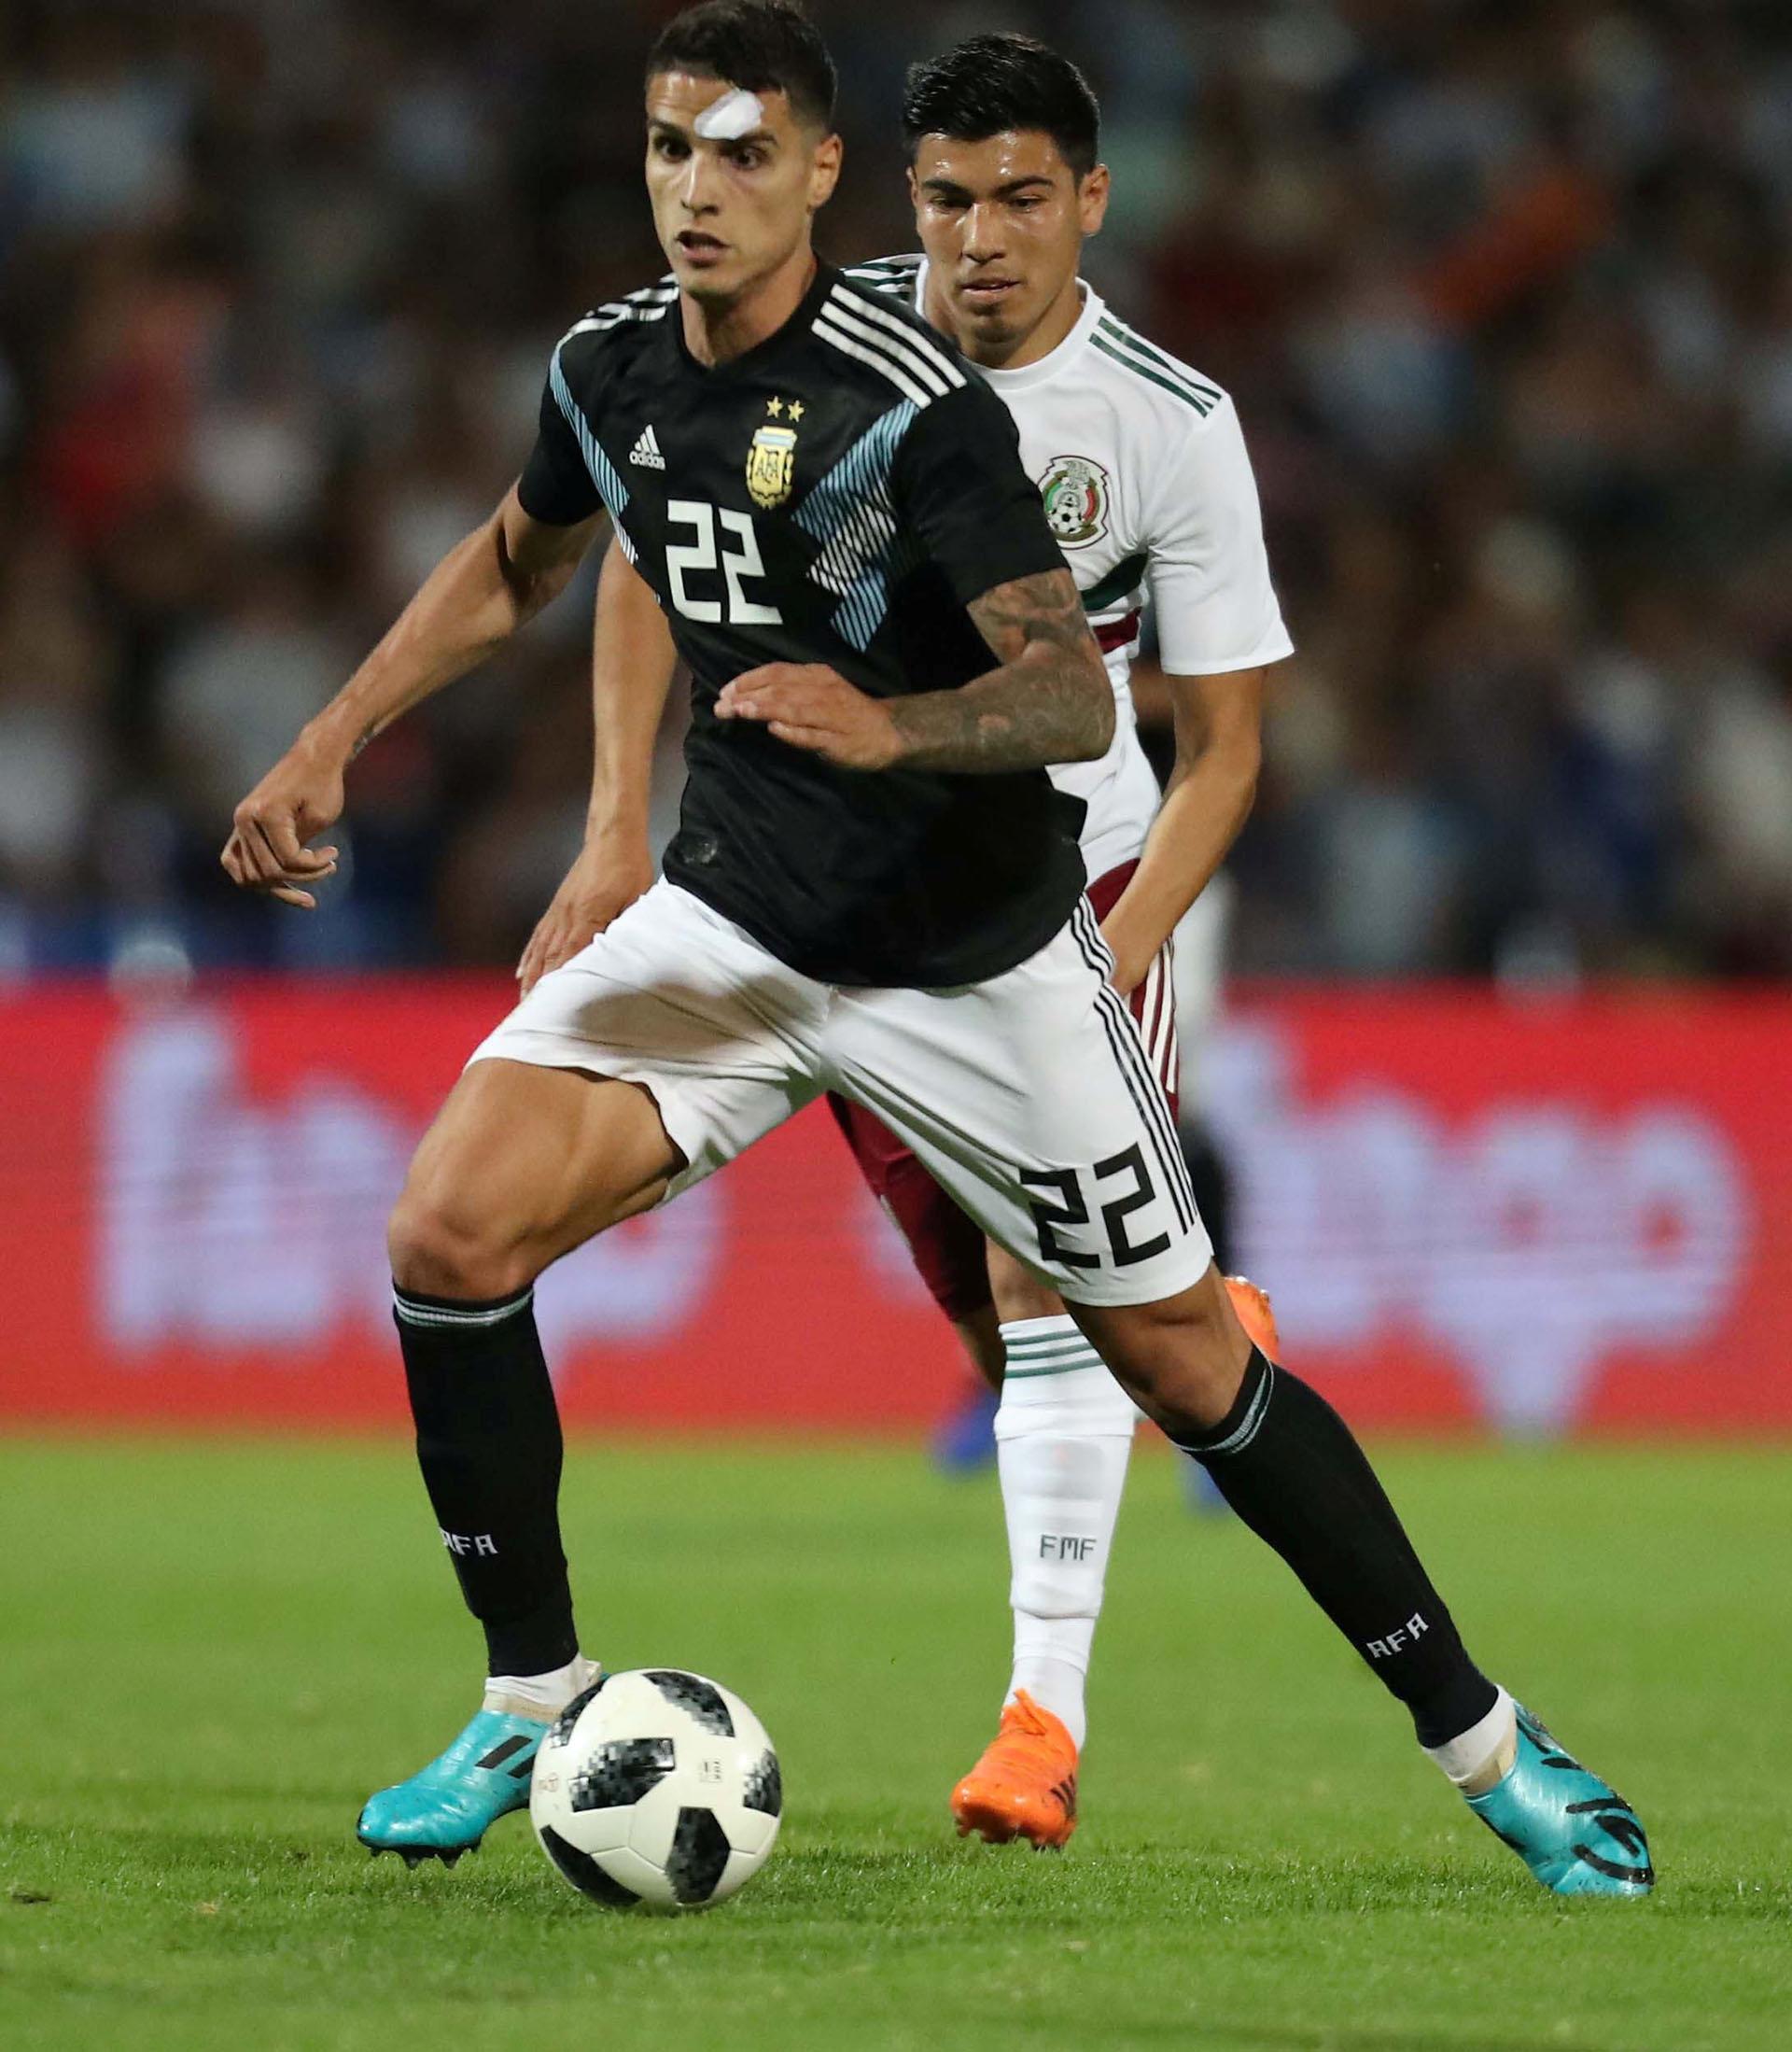 En ese contexto, ante un México sin sus grandes figuras (como Andrés Guardado y Chuky Lozano), empecinado en el toque lateral, abúlico y sin sorpresa, Argentina dejó una mejor imagen en la primera etapa y casi no sufrió (REUTERS)